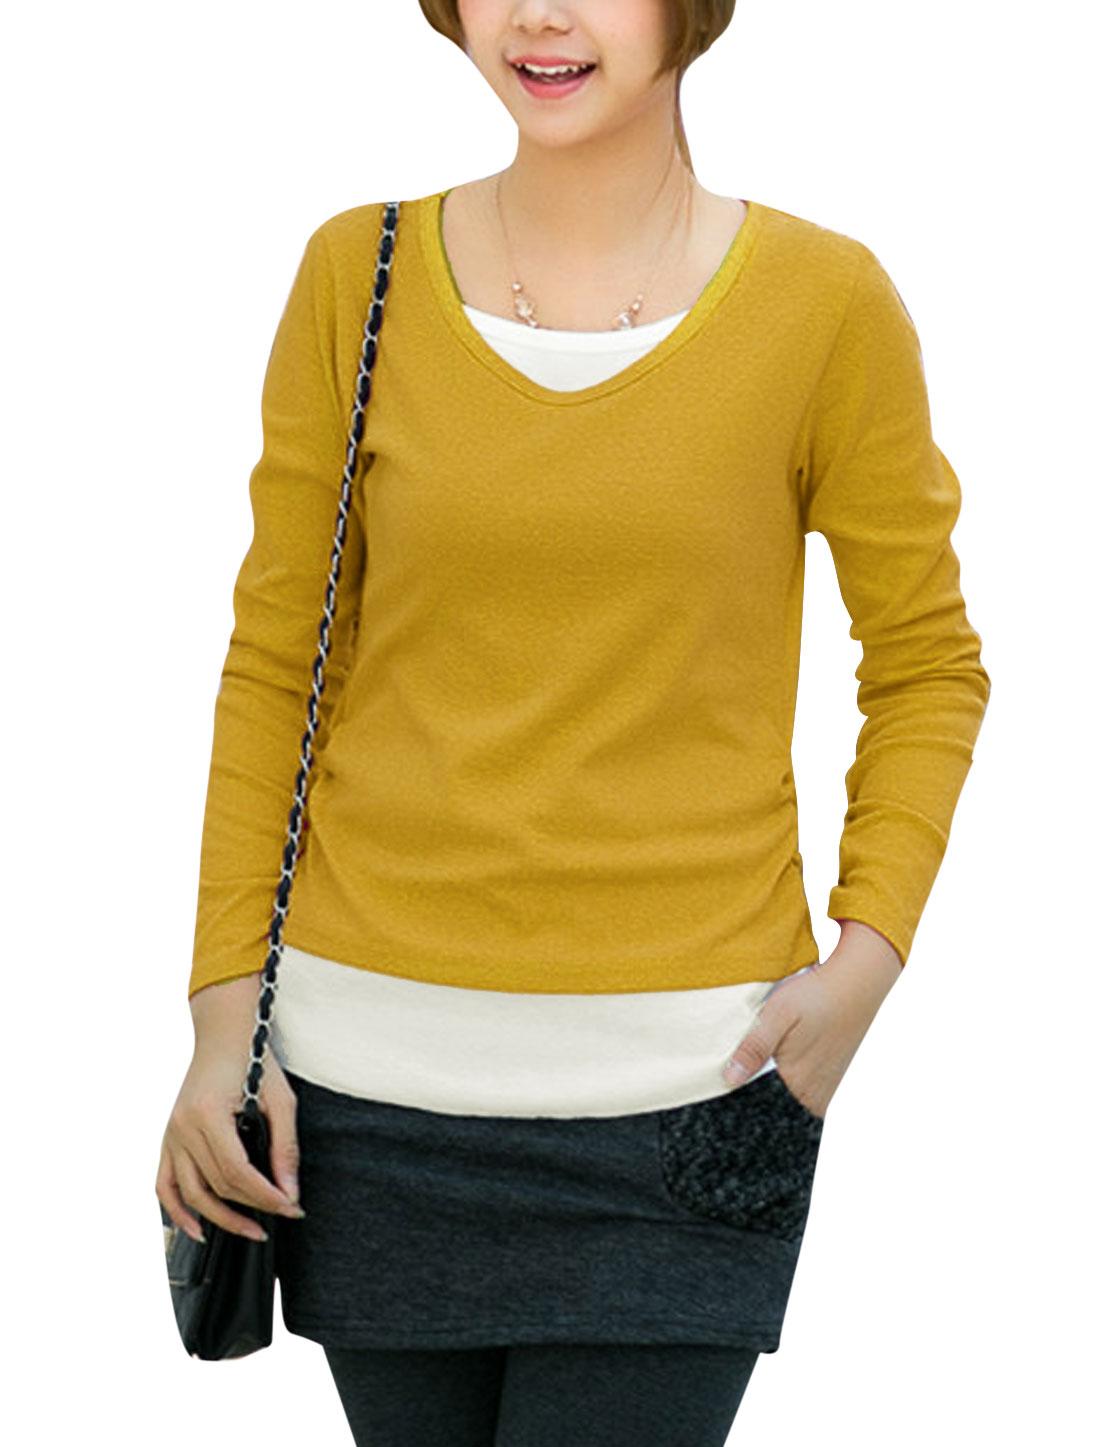 Ladies Round Neck Long Sleeve Slim Tee Shirt Yellow S